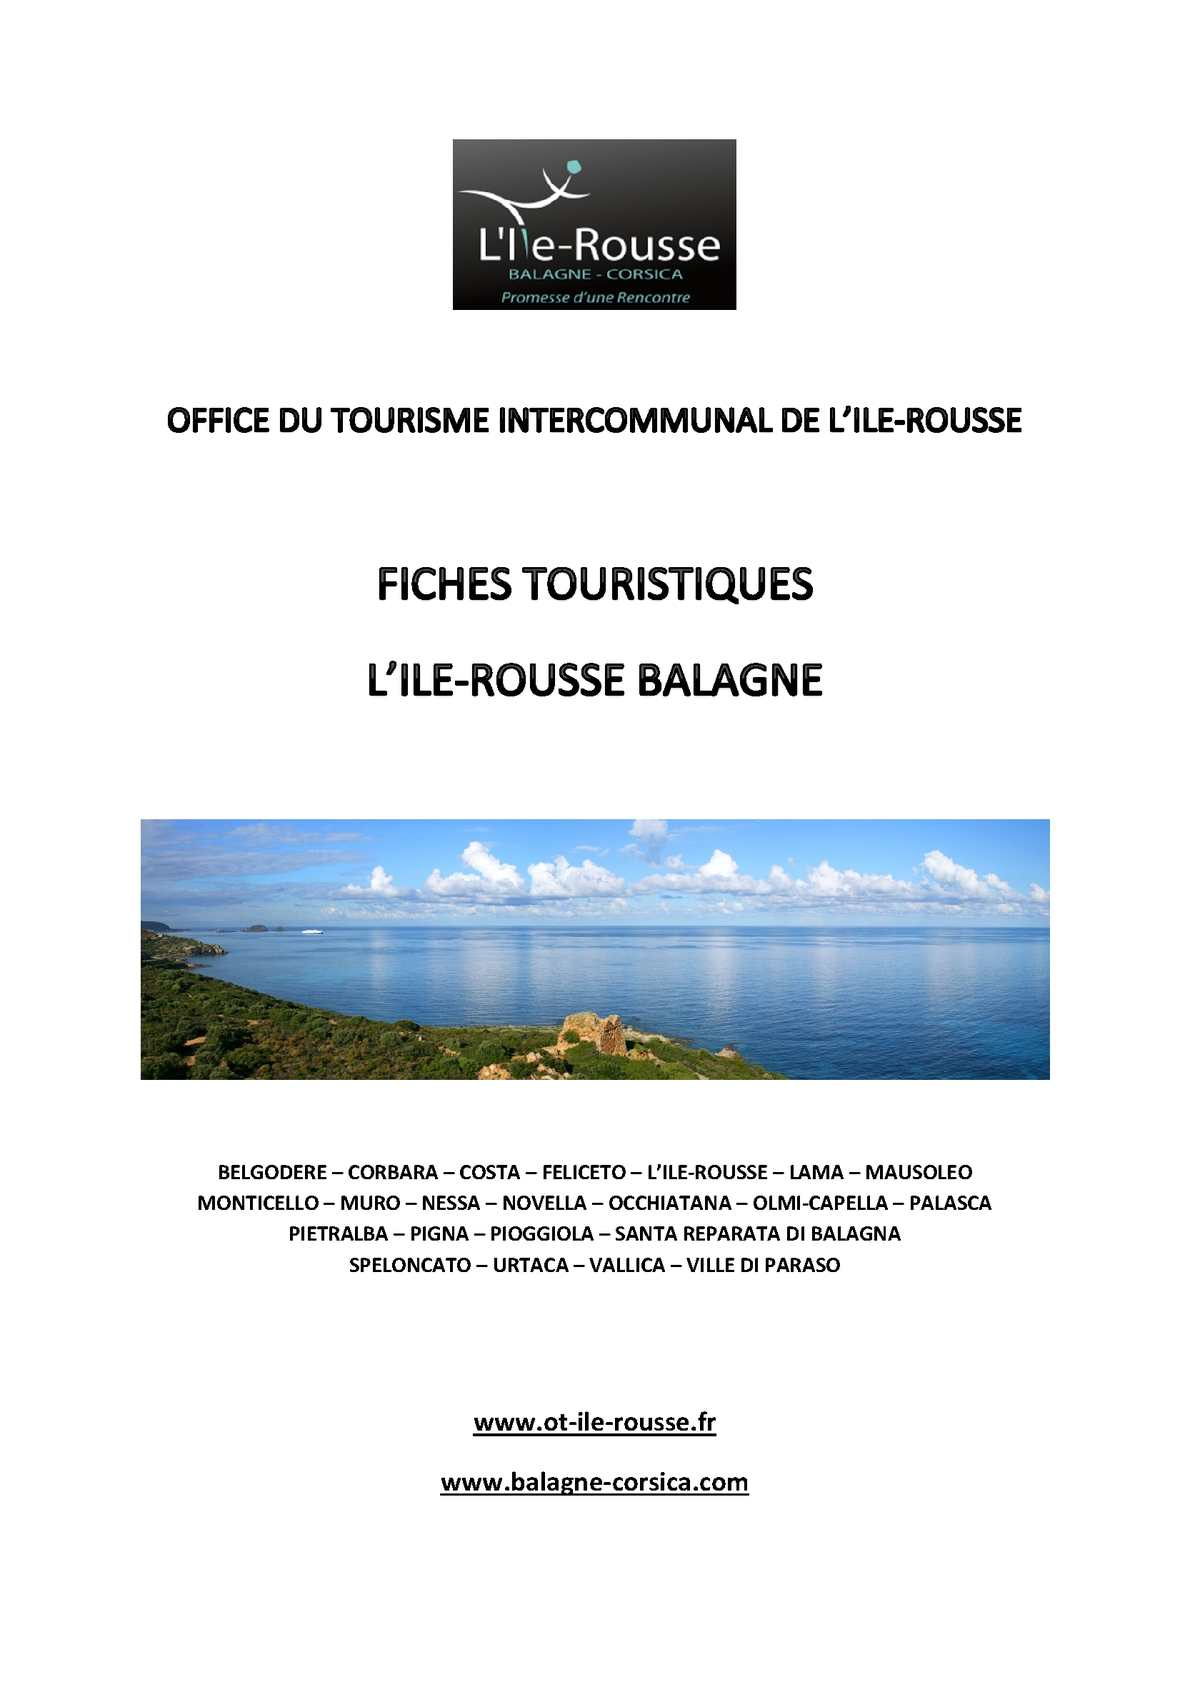 Calaméo Fiches touristiques L Ile Rousse Balagne